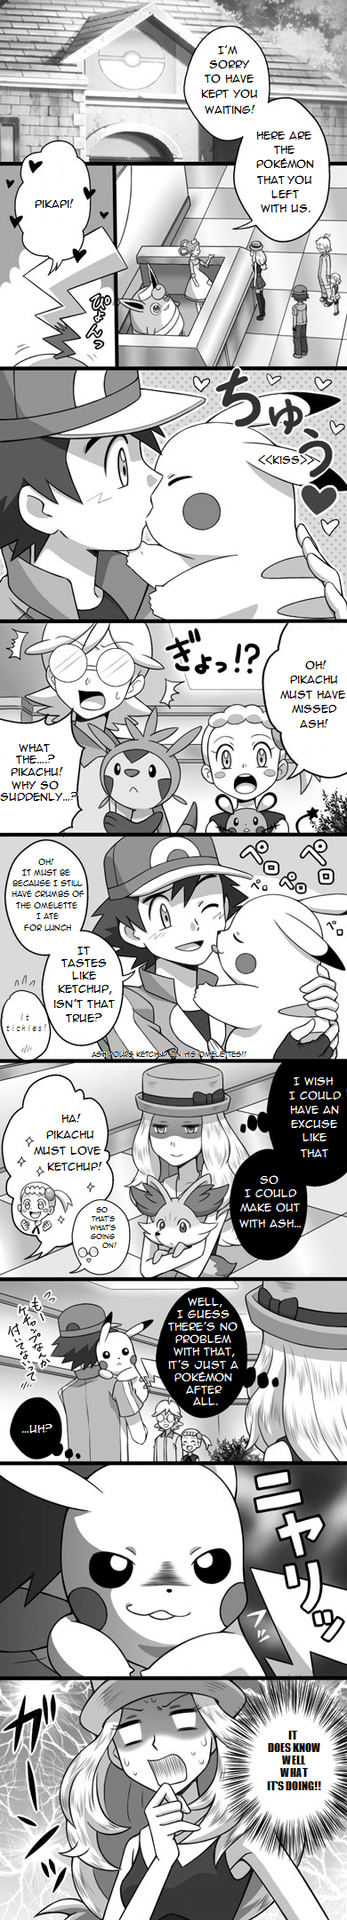 Pokémon wtf creepy pikachu serena - 8464055808